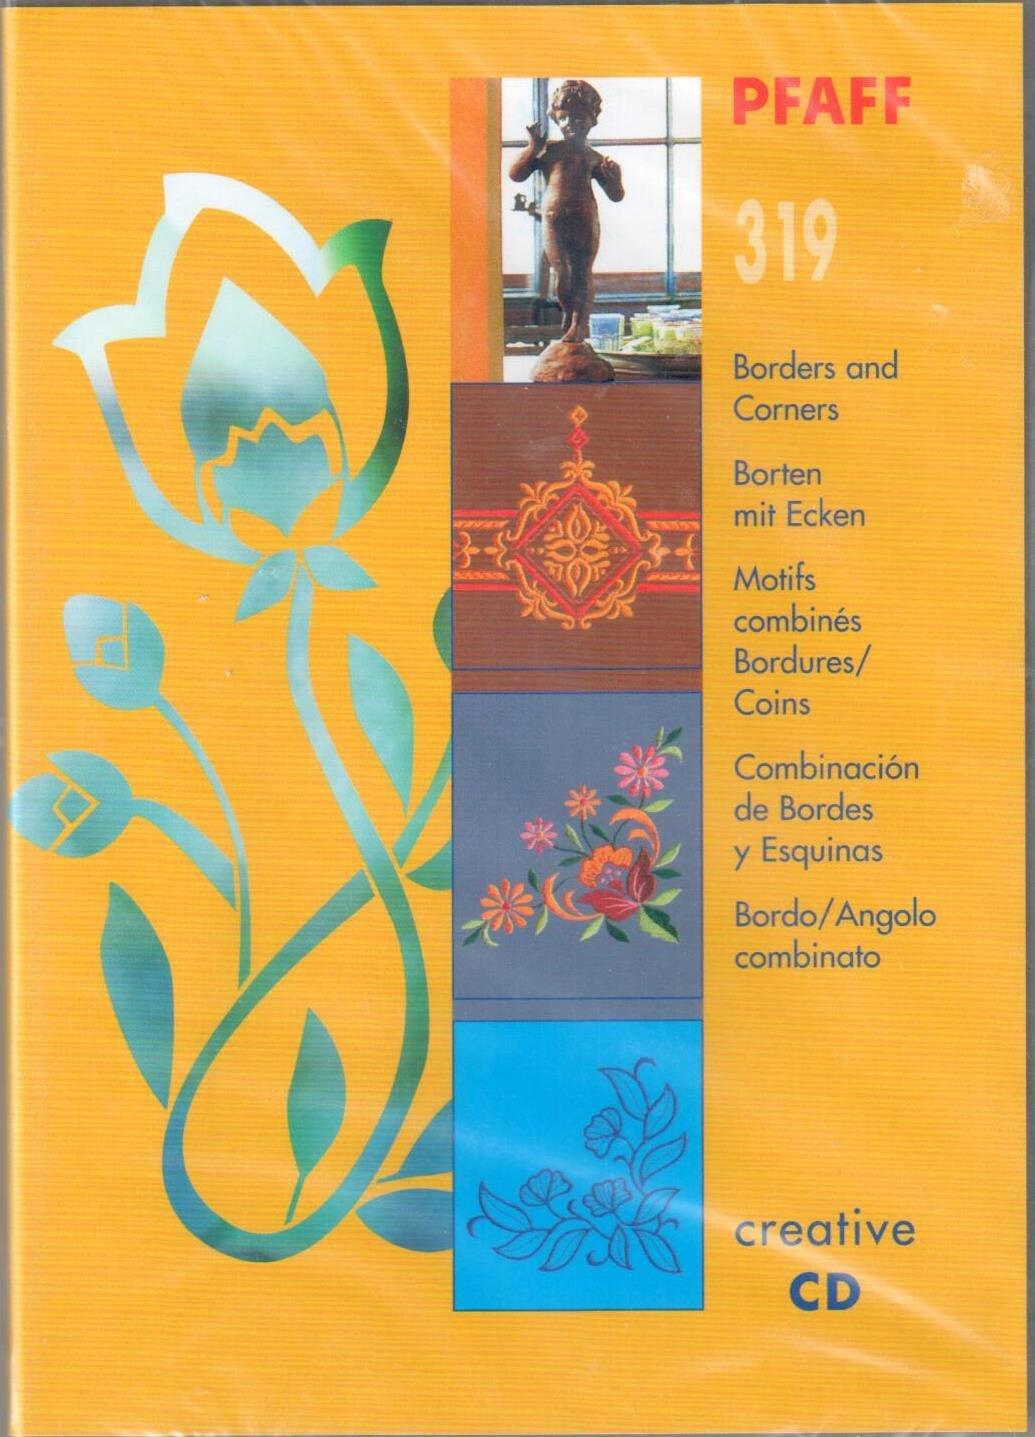 Pfaff Creative CD 319-Borders and Corners